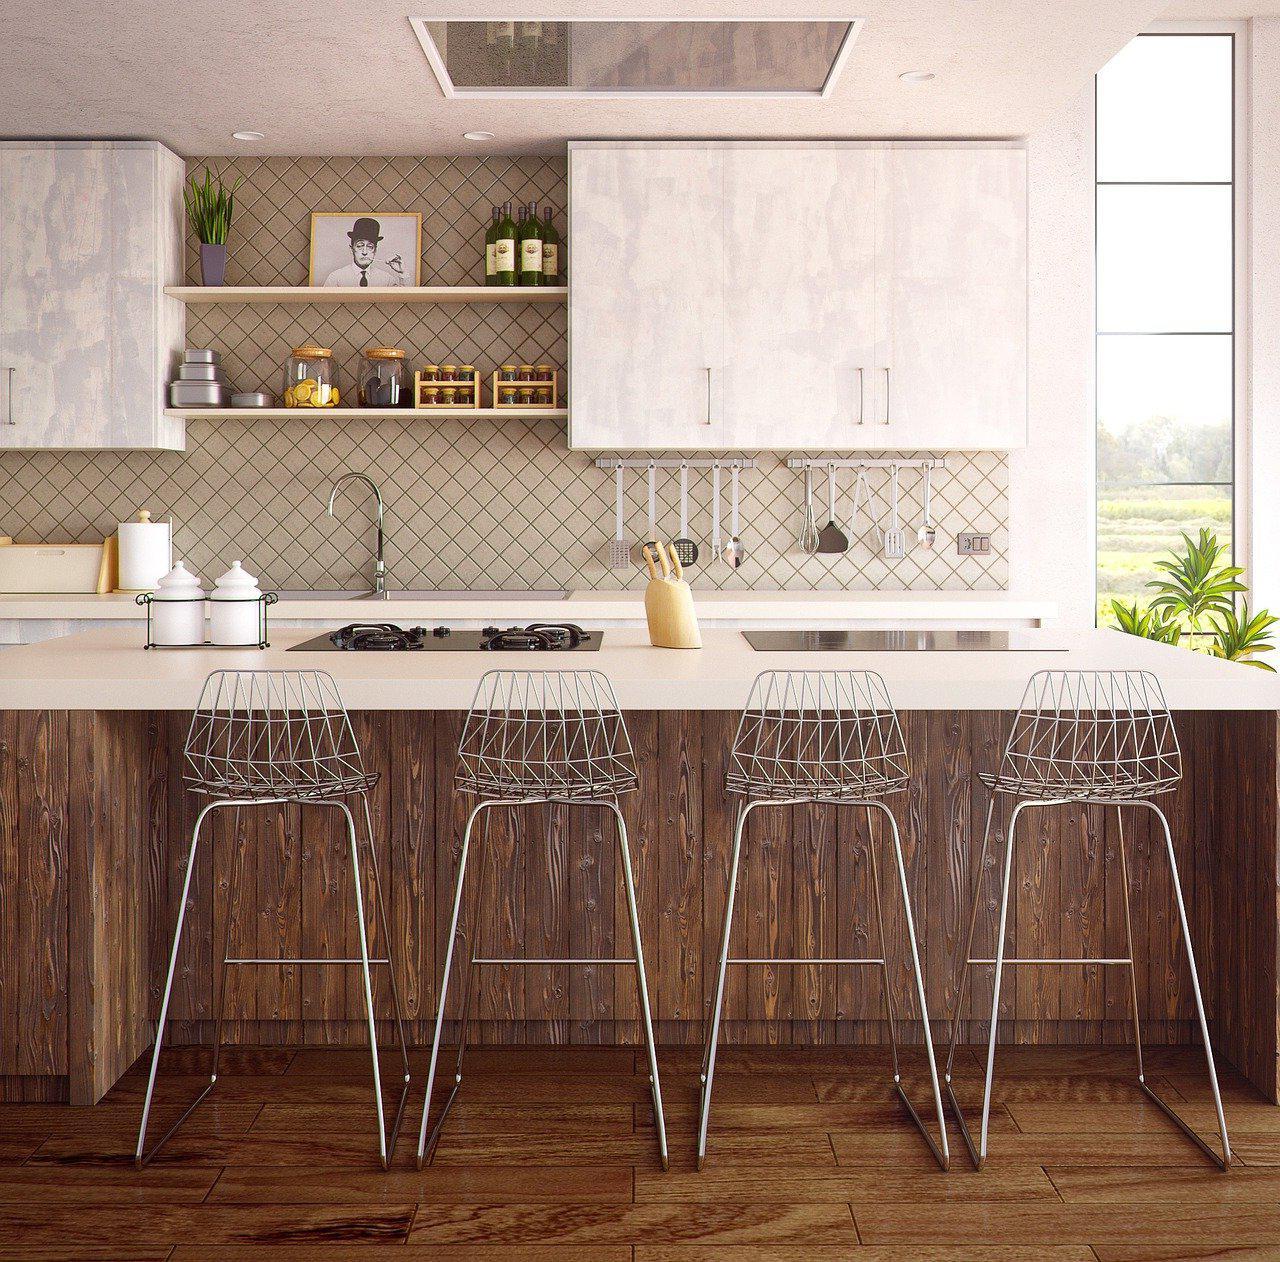 Rénovation de cuisine à Manosque 04100 : Les tarifs